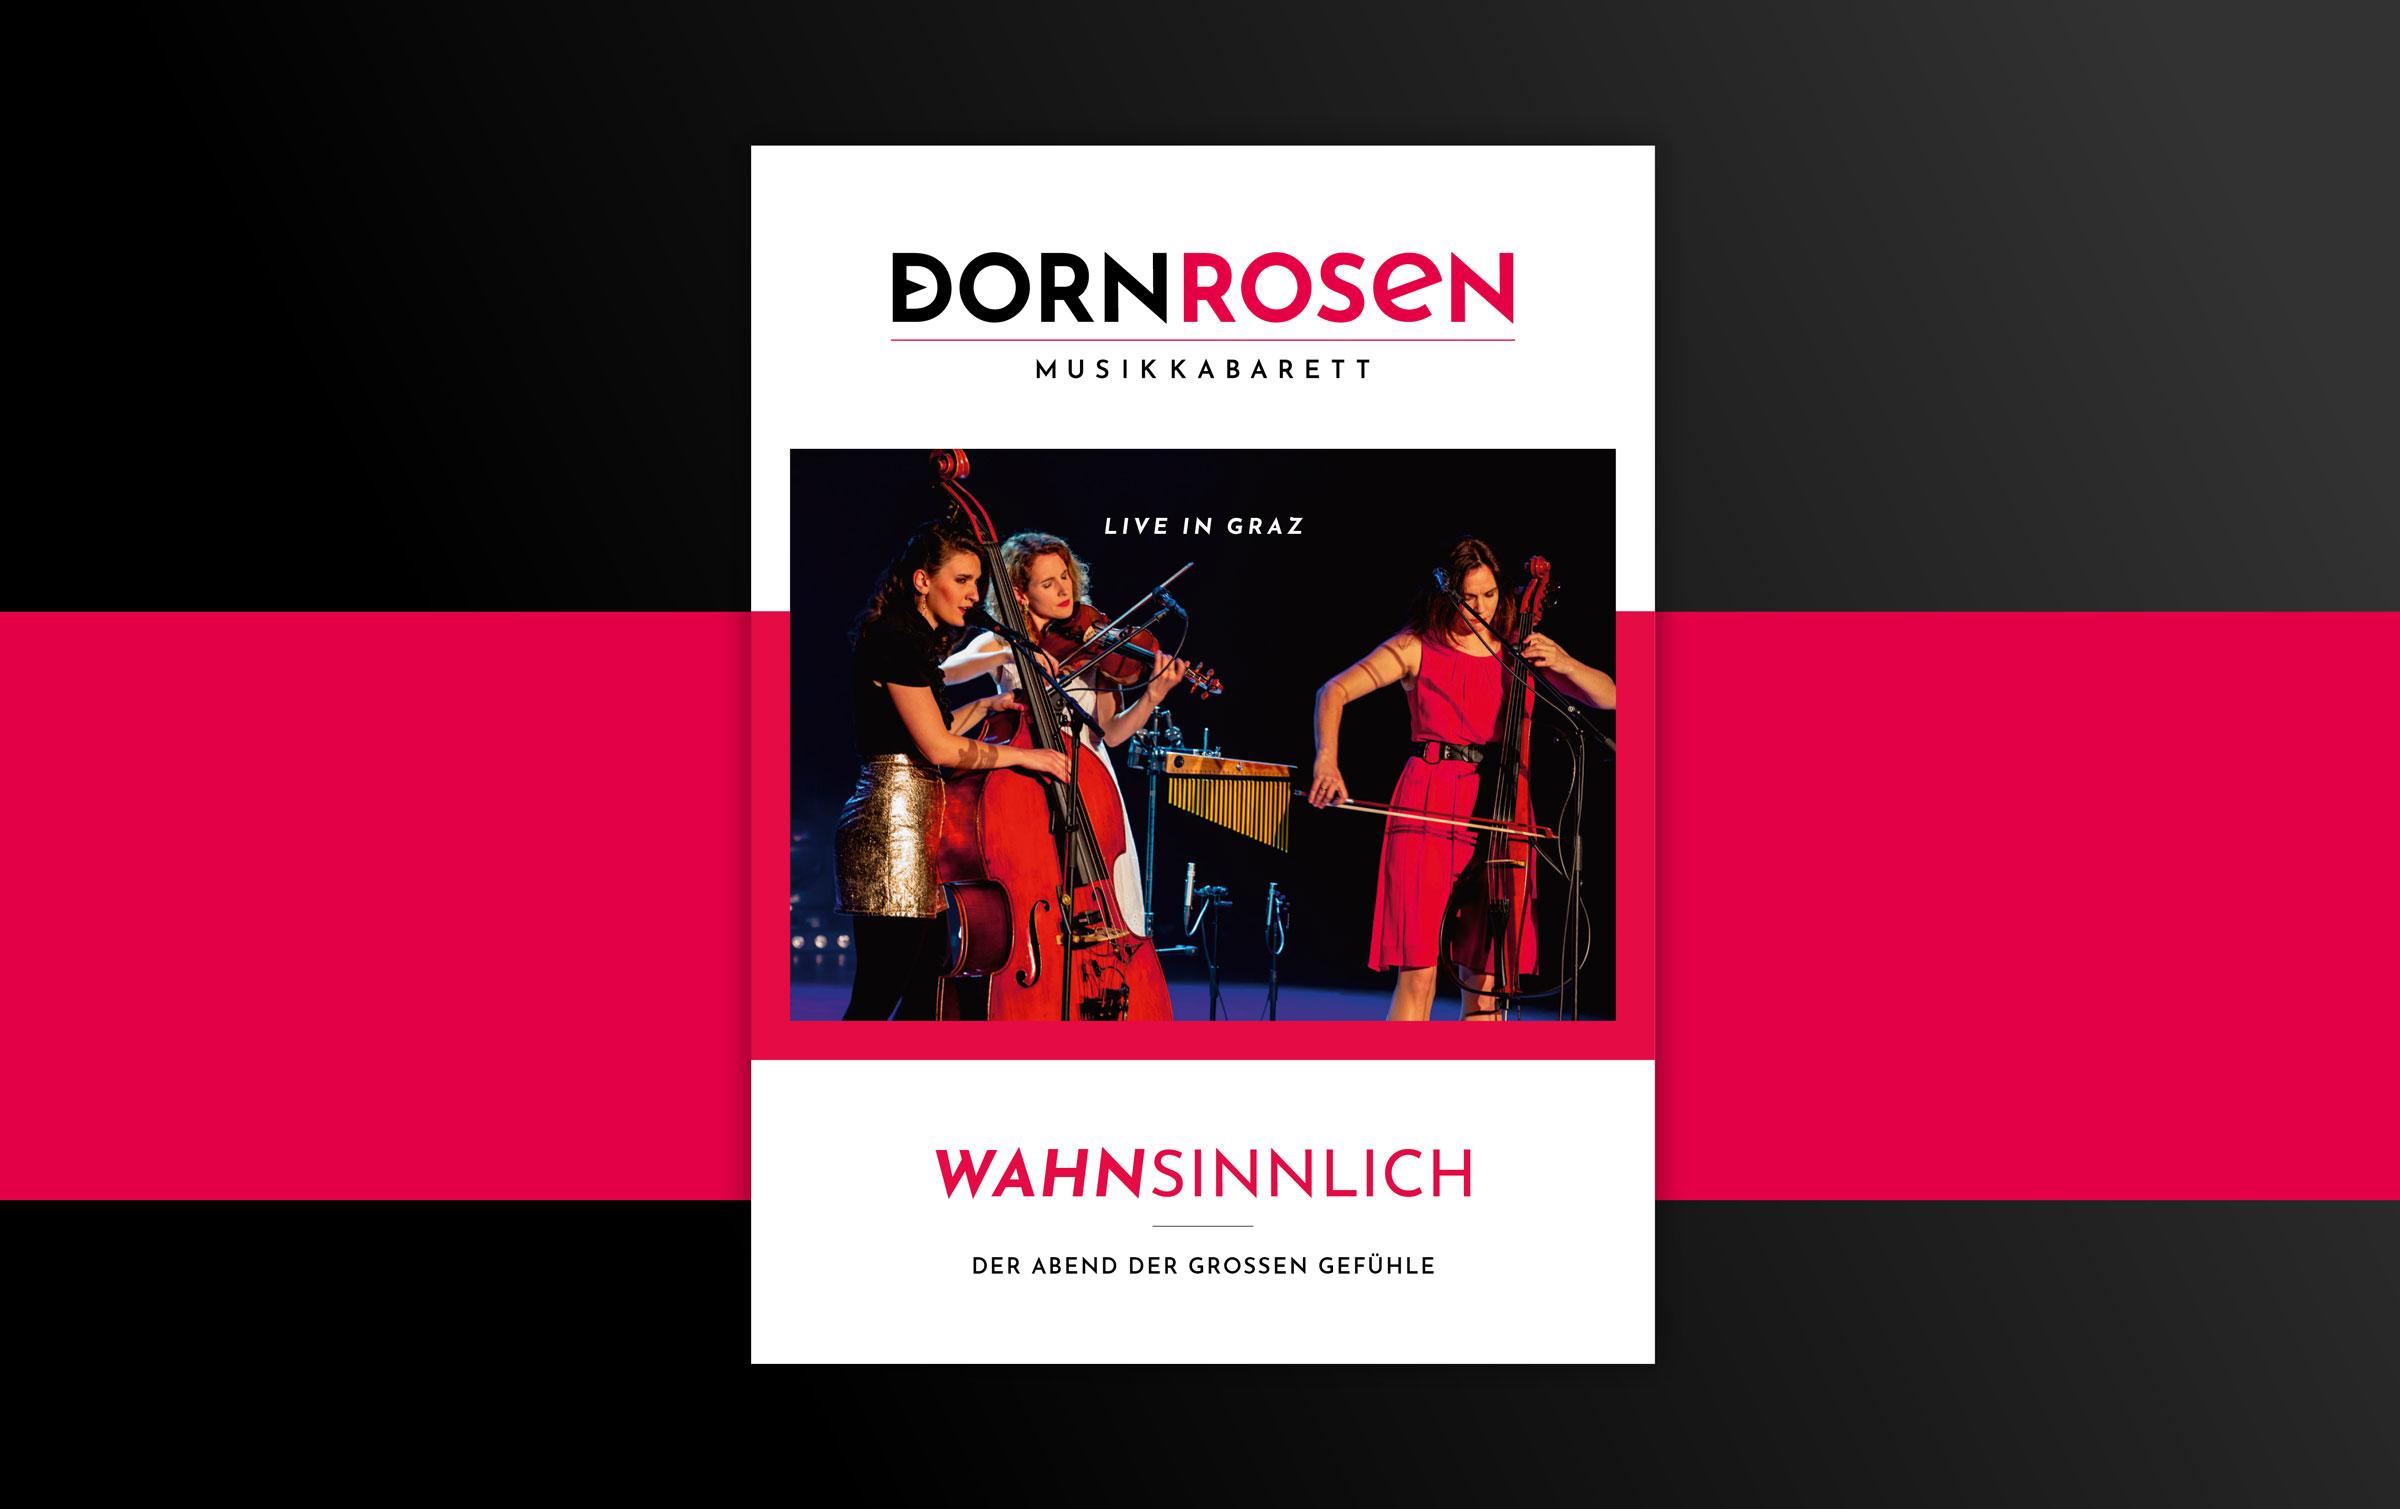 WW_Dornrosen_11_pic